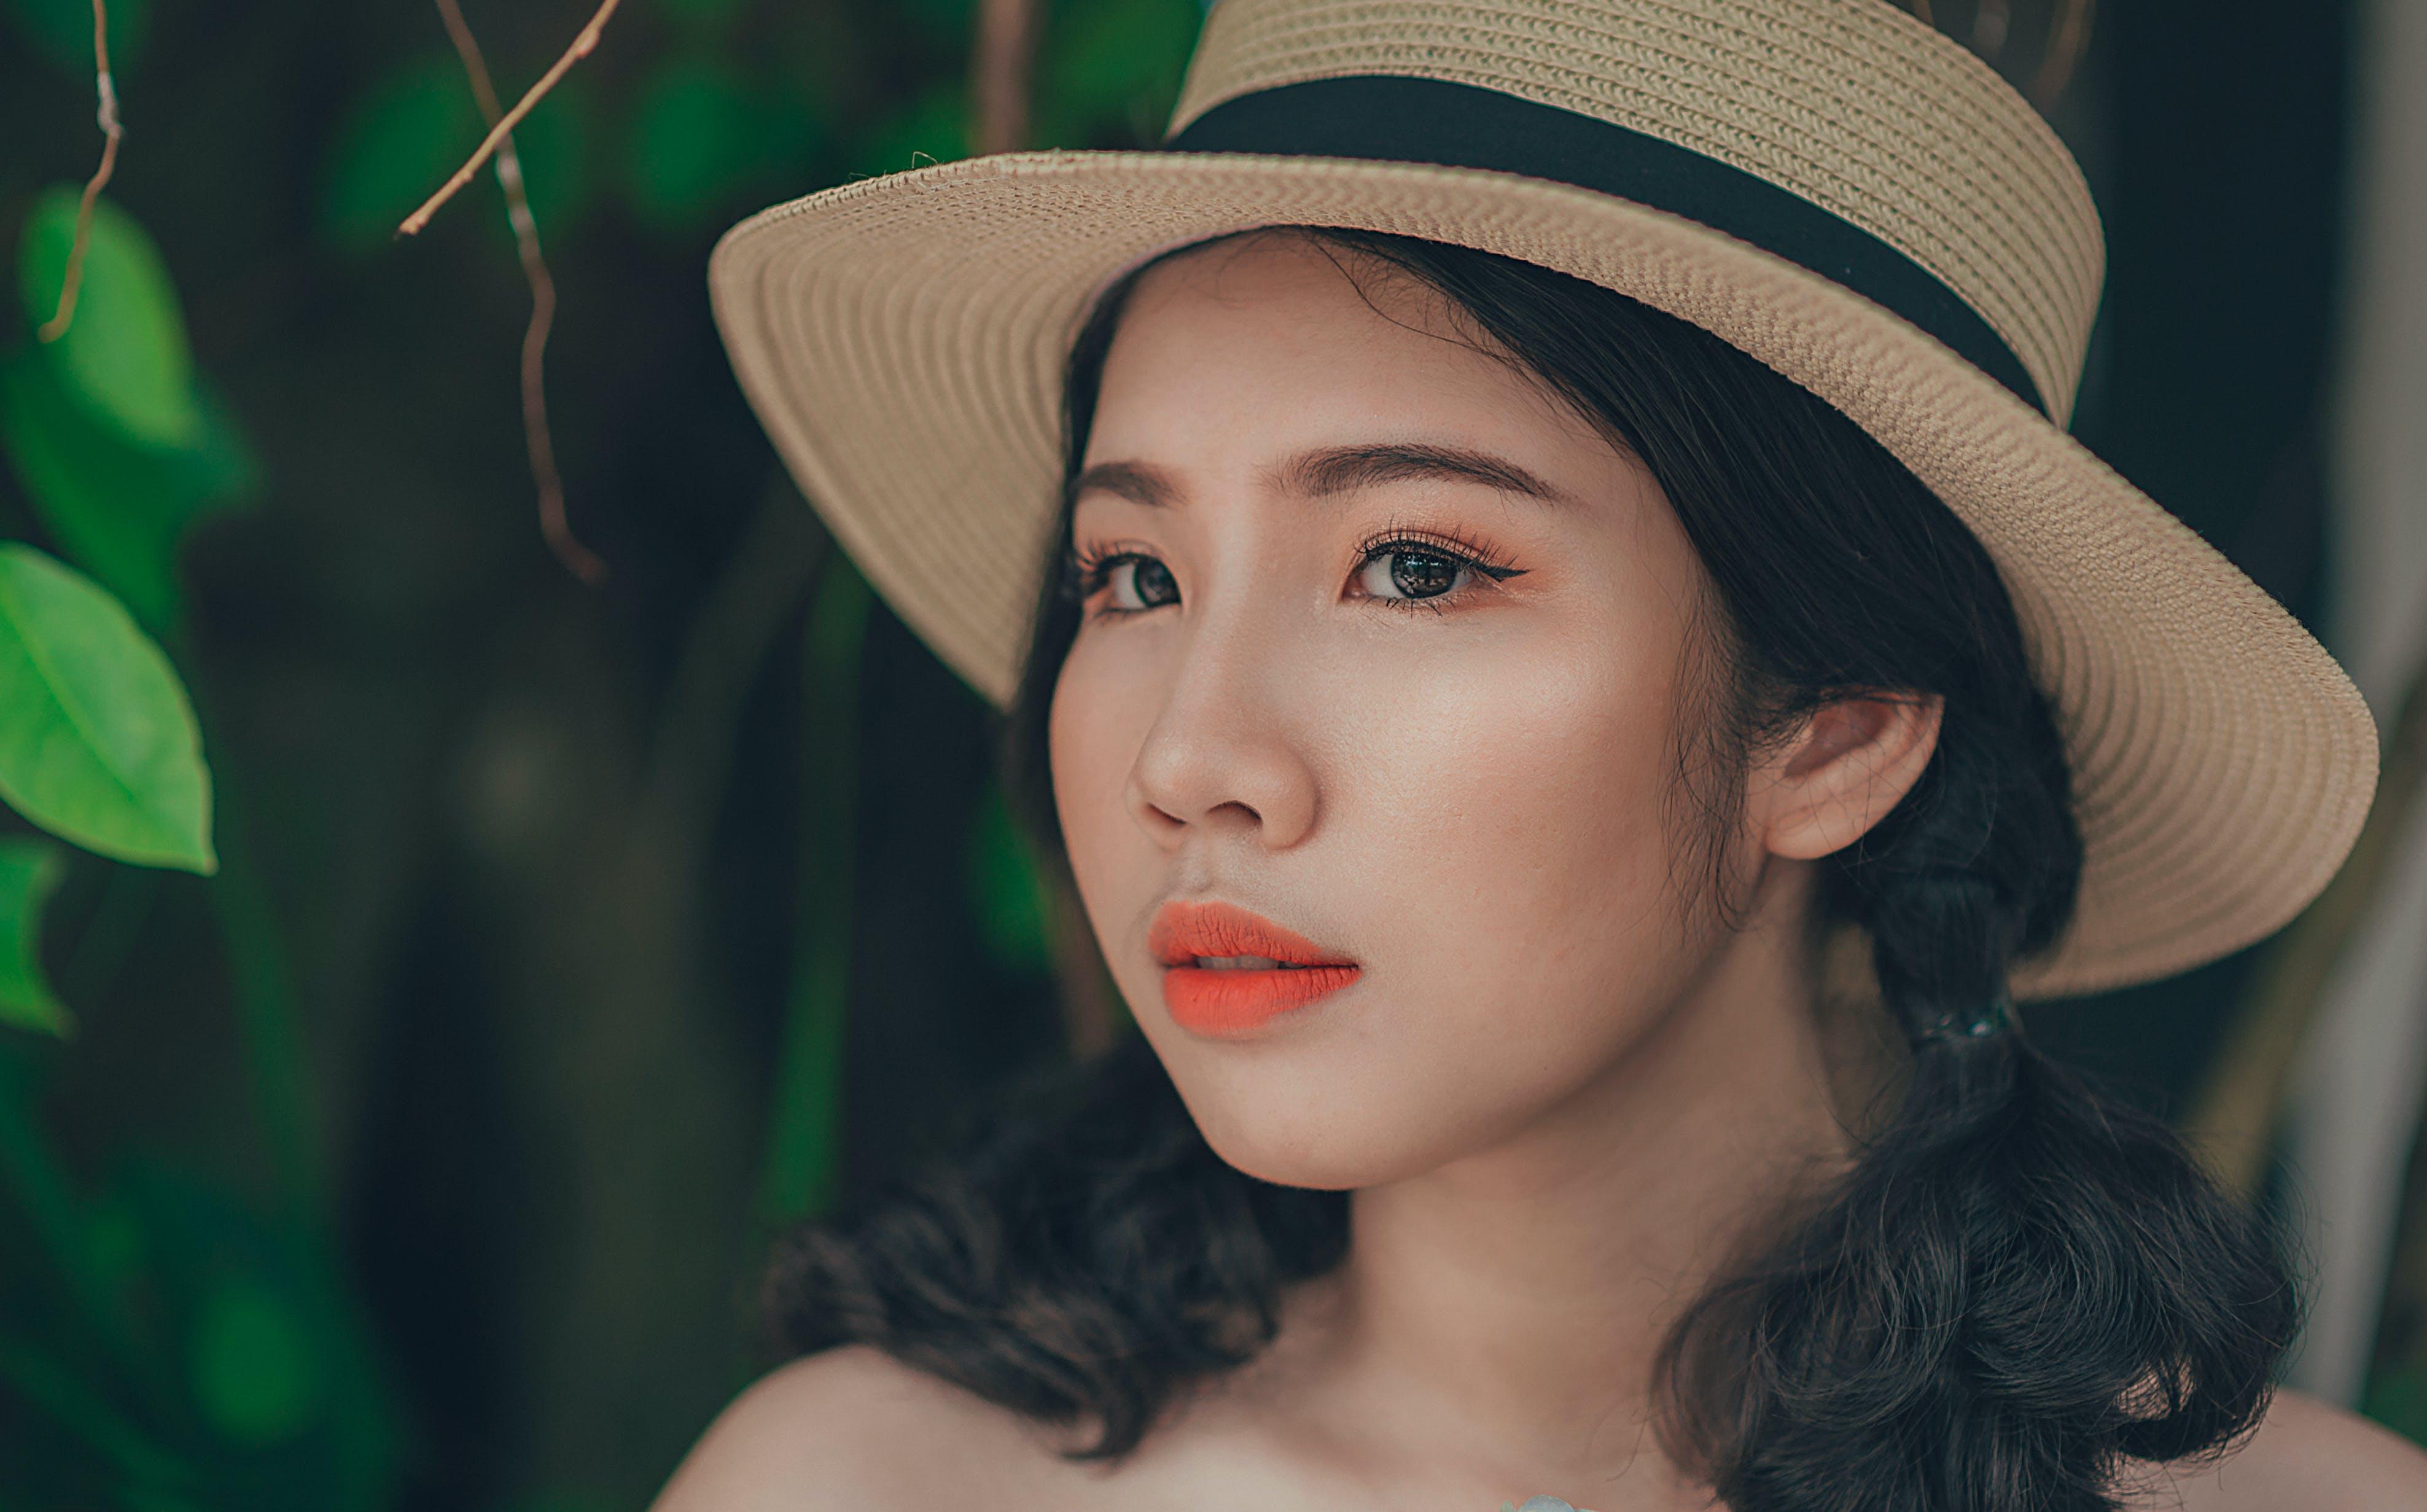 Gratis lagerfoto af dame, hat, kvinde, person